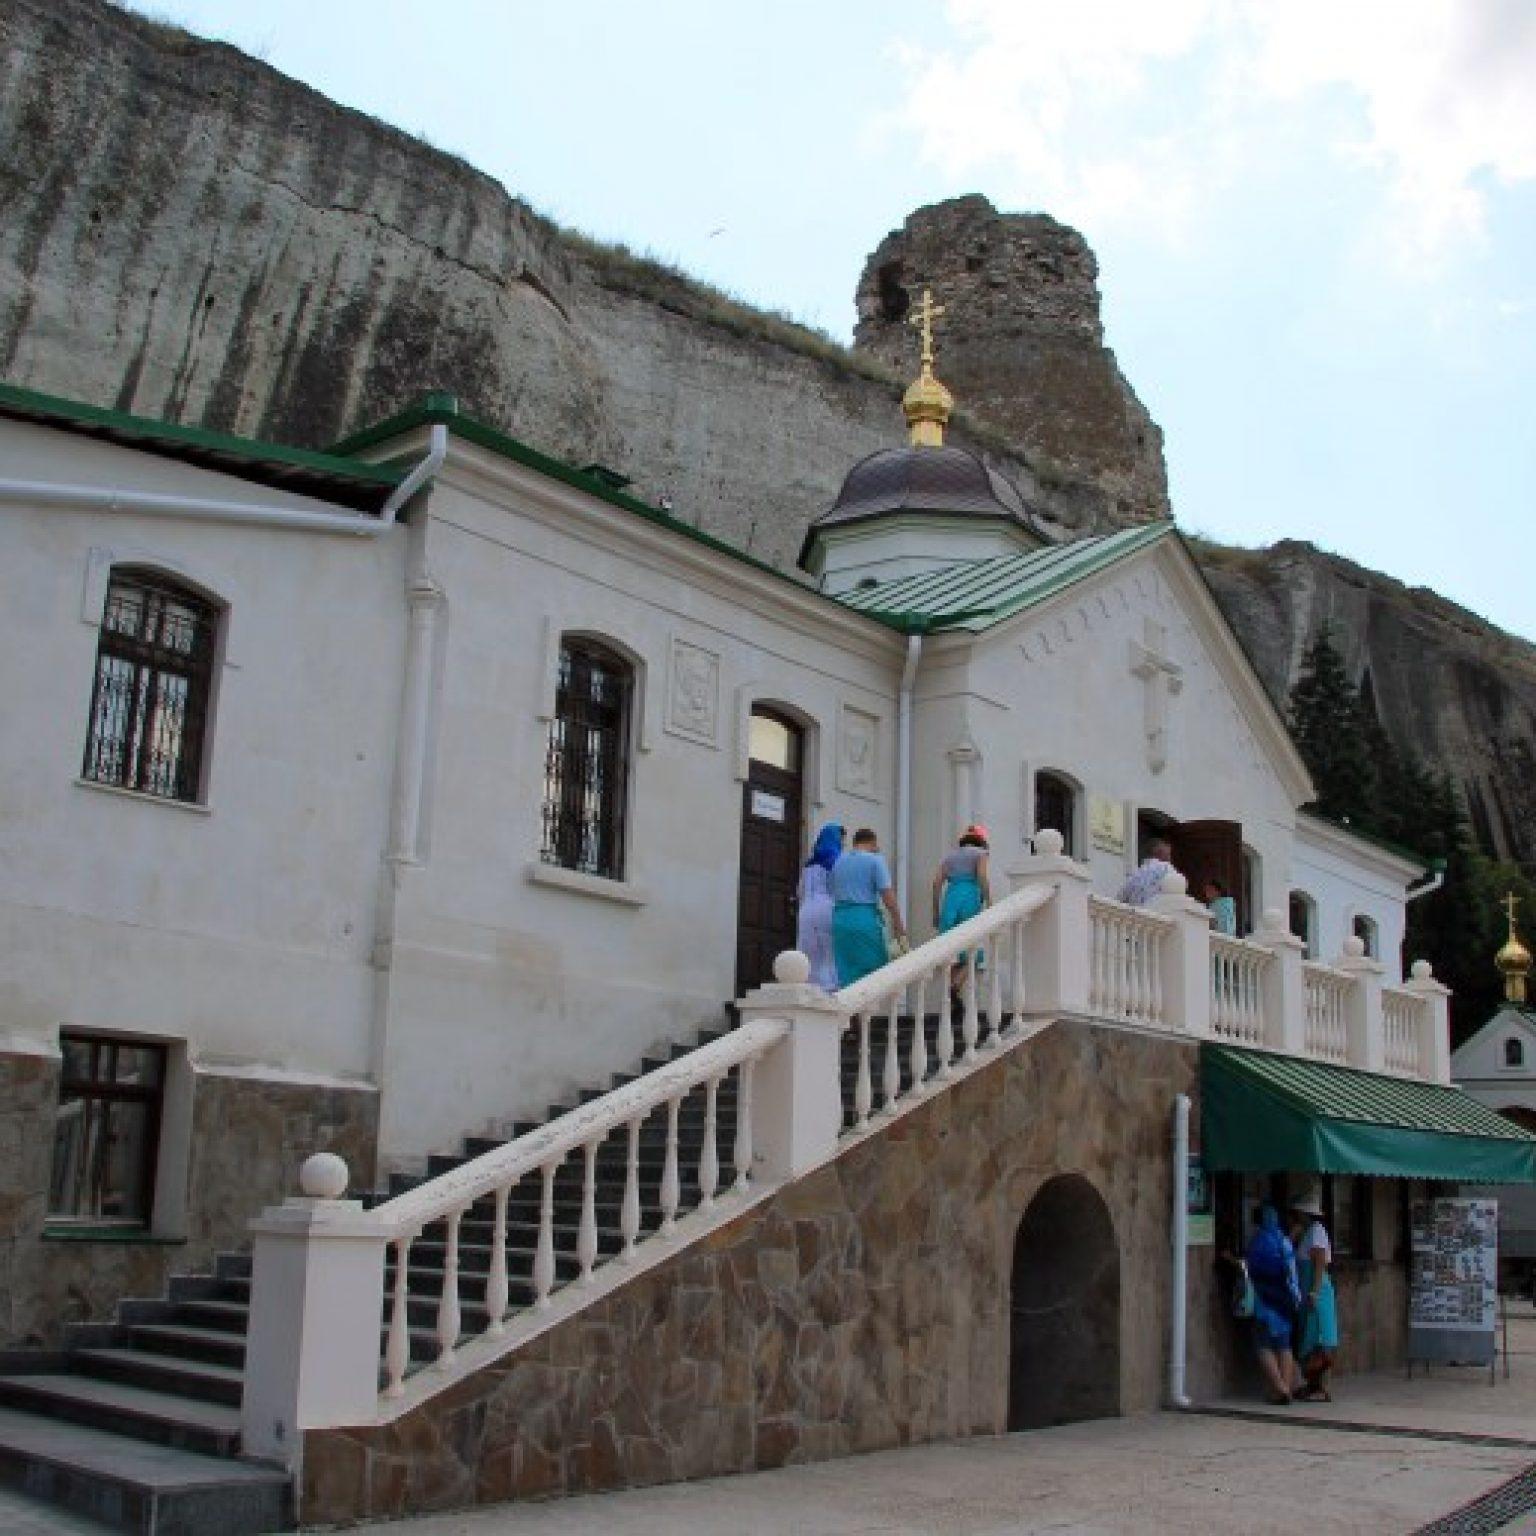 Достопримечательности Крыма - Пещерный Свято-Климентовский Инкерманский монастырь